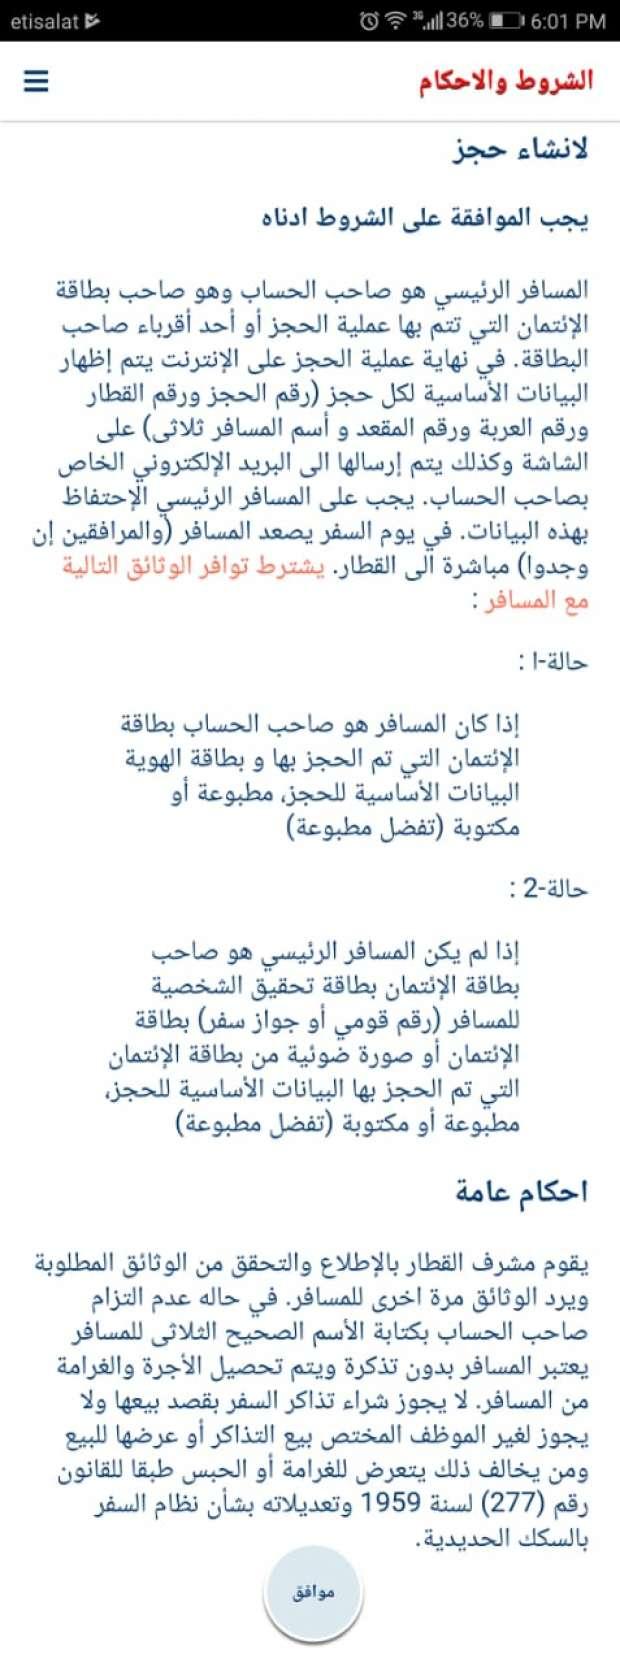 سكك حديد مصر: احجز مقعدك الآن من خلال ابلكيشن الموبايل بالرقم القومي ومواعيد القطارات 6 11/2/2020 - 10:10 ص